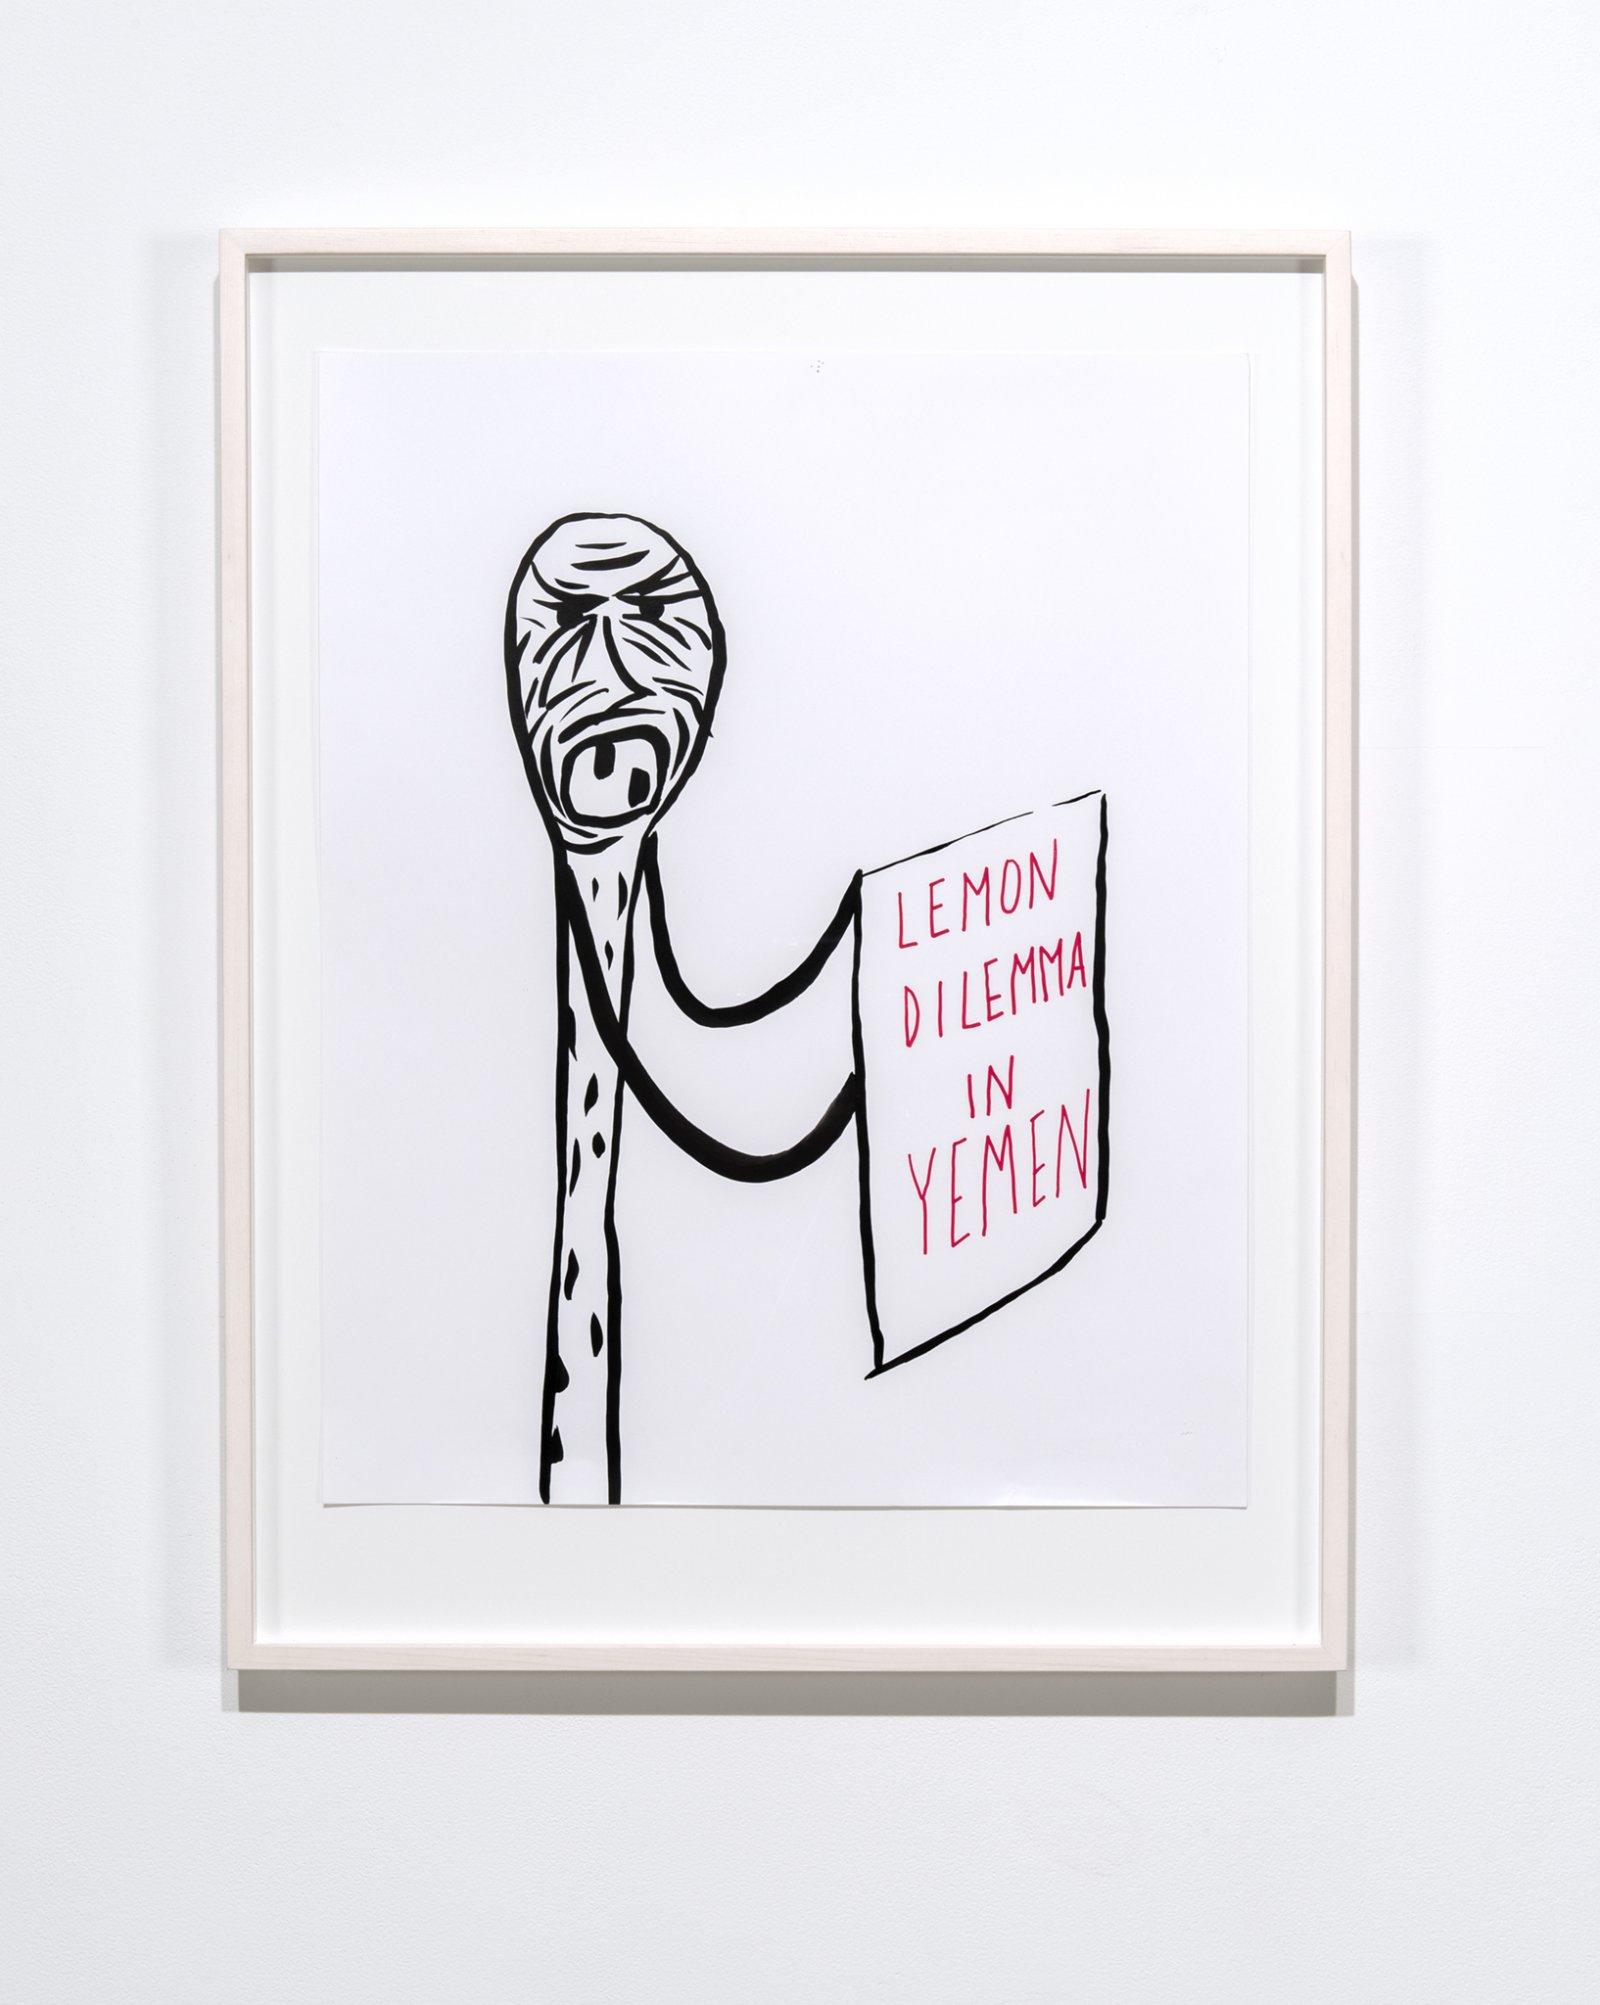 Geoffrey Farmer, LEMON, DILEMMA, IN, YEMEN, 2017, ink on paper, 36 x 28 in. (90 x 70 cm)  by Geoffrey Farmer